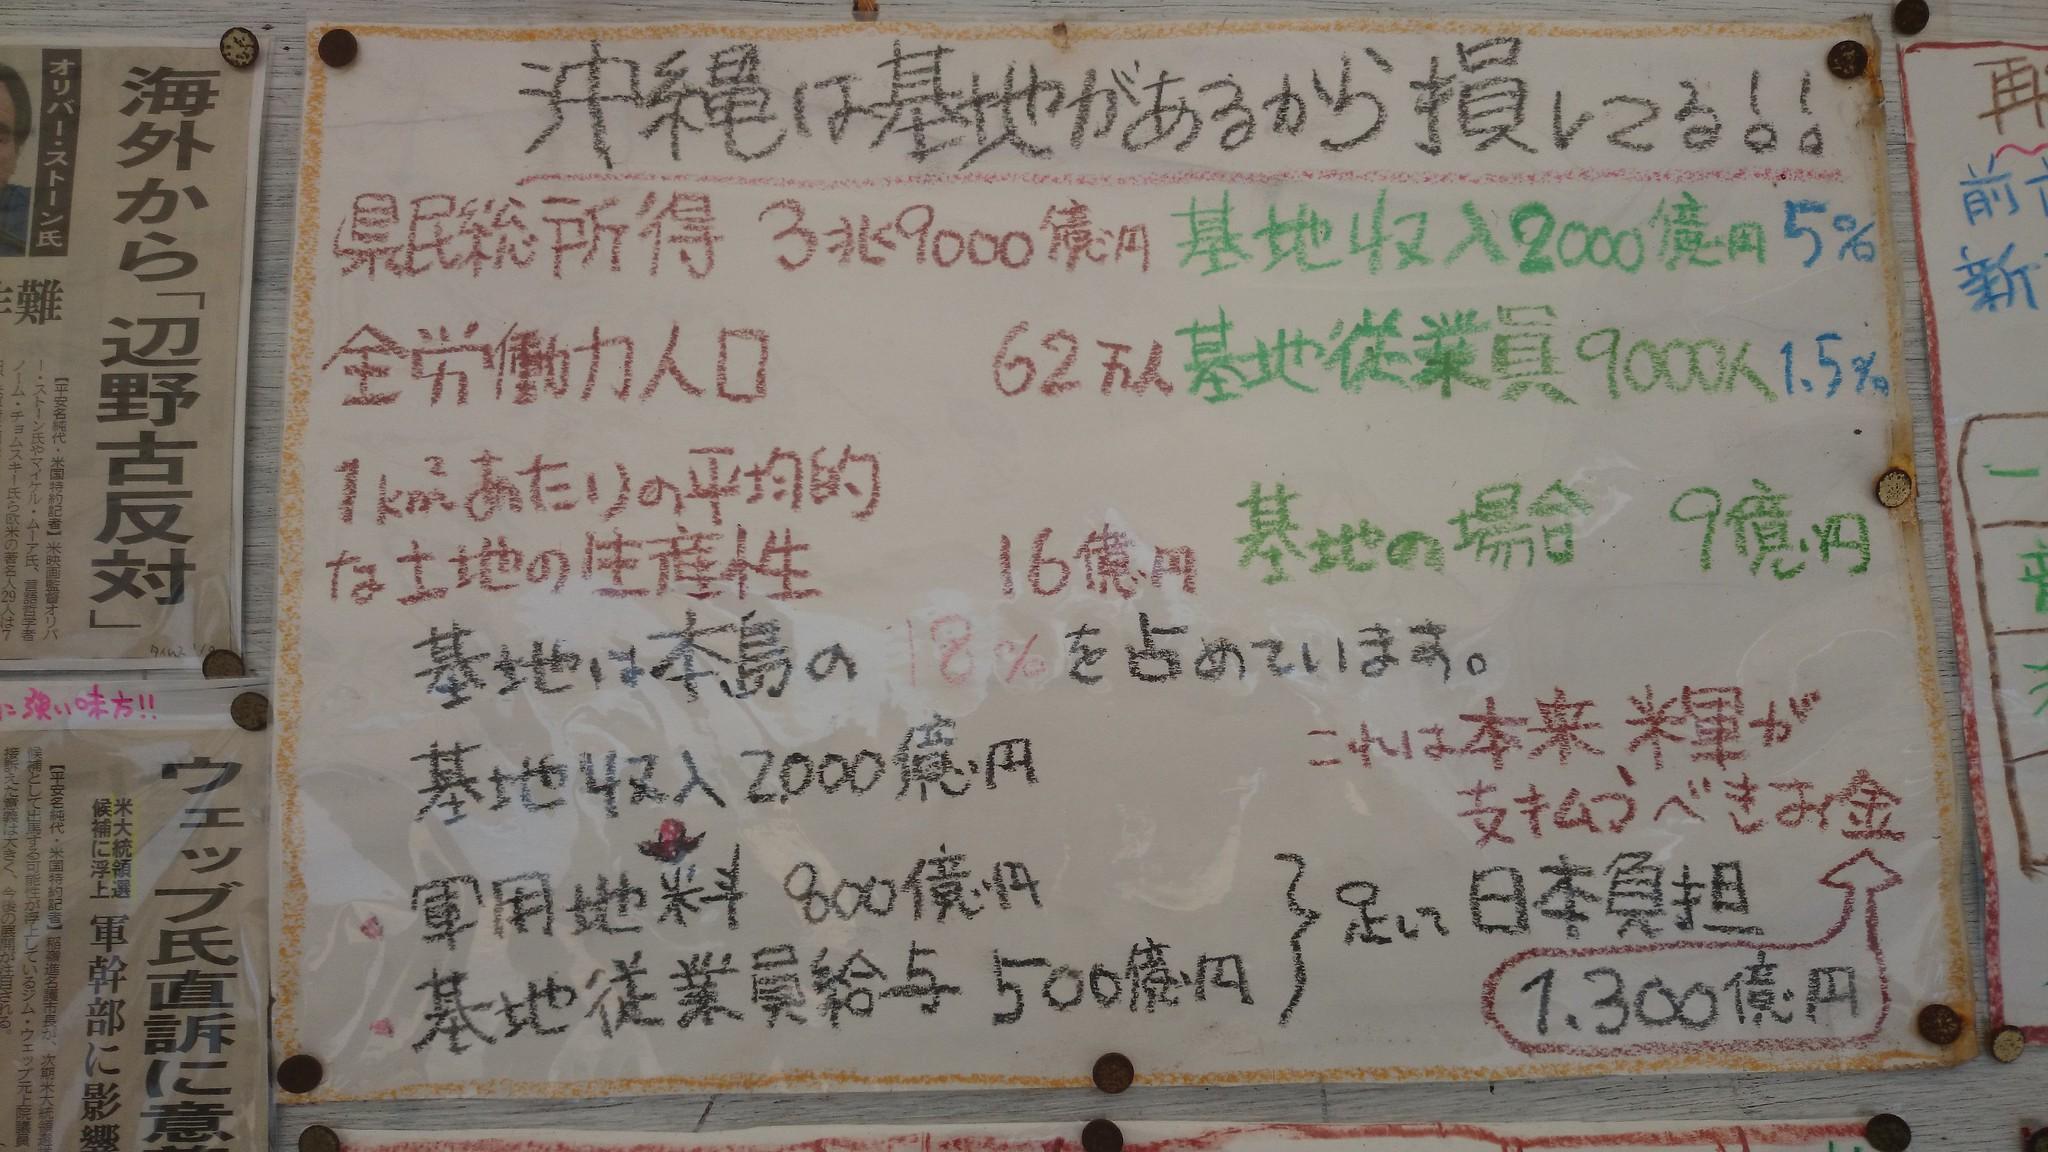 2015年6月翻攝自邊野古海岸靜坐帳棚大字報。(攝影:胡清雅;協力翻譯/詹亞訓)